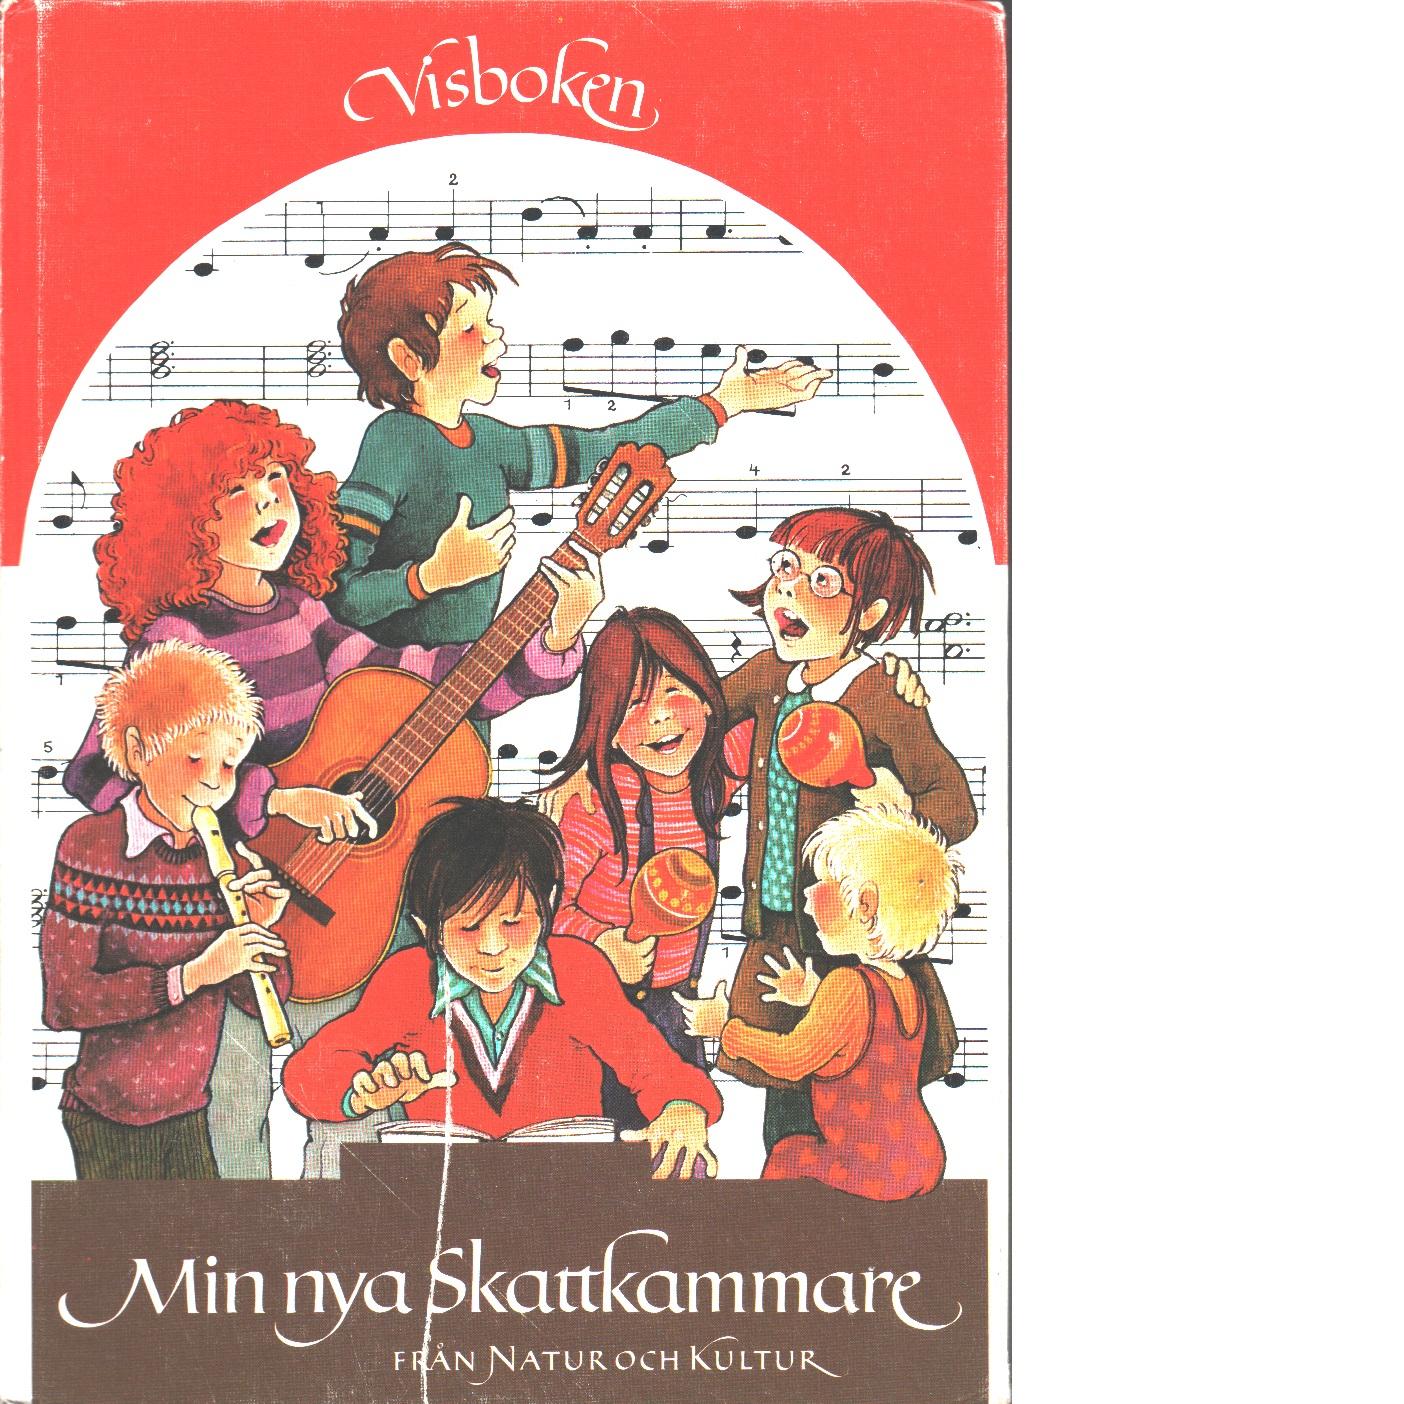 Min nya skattkammare Visboken - Red.